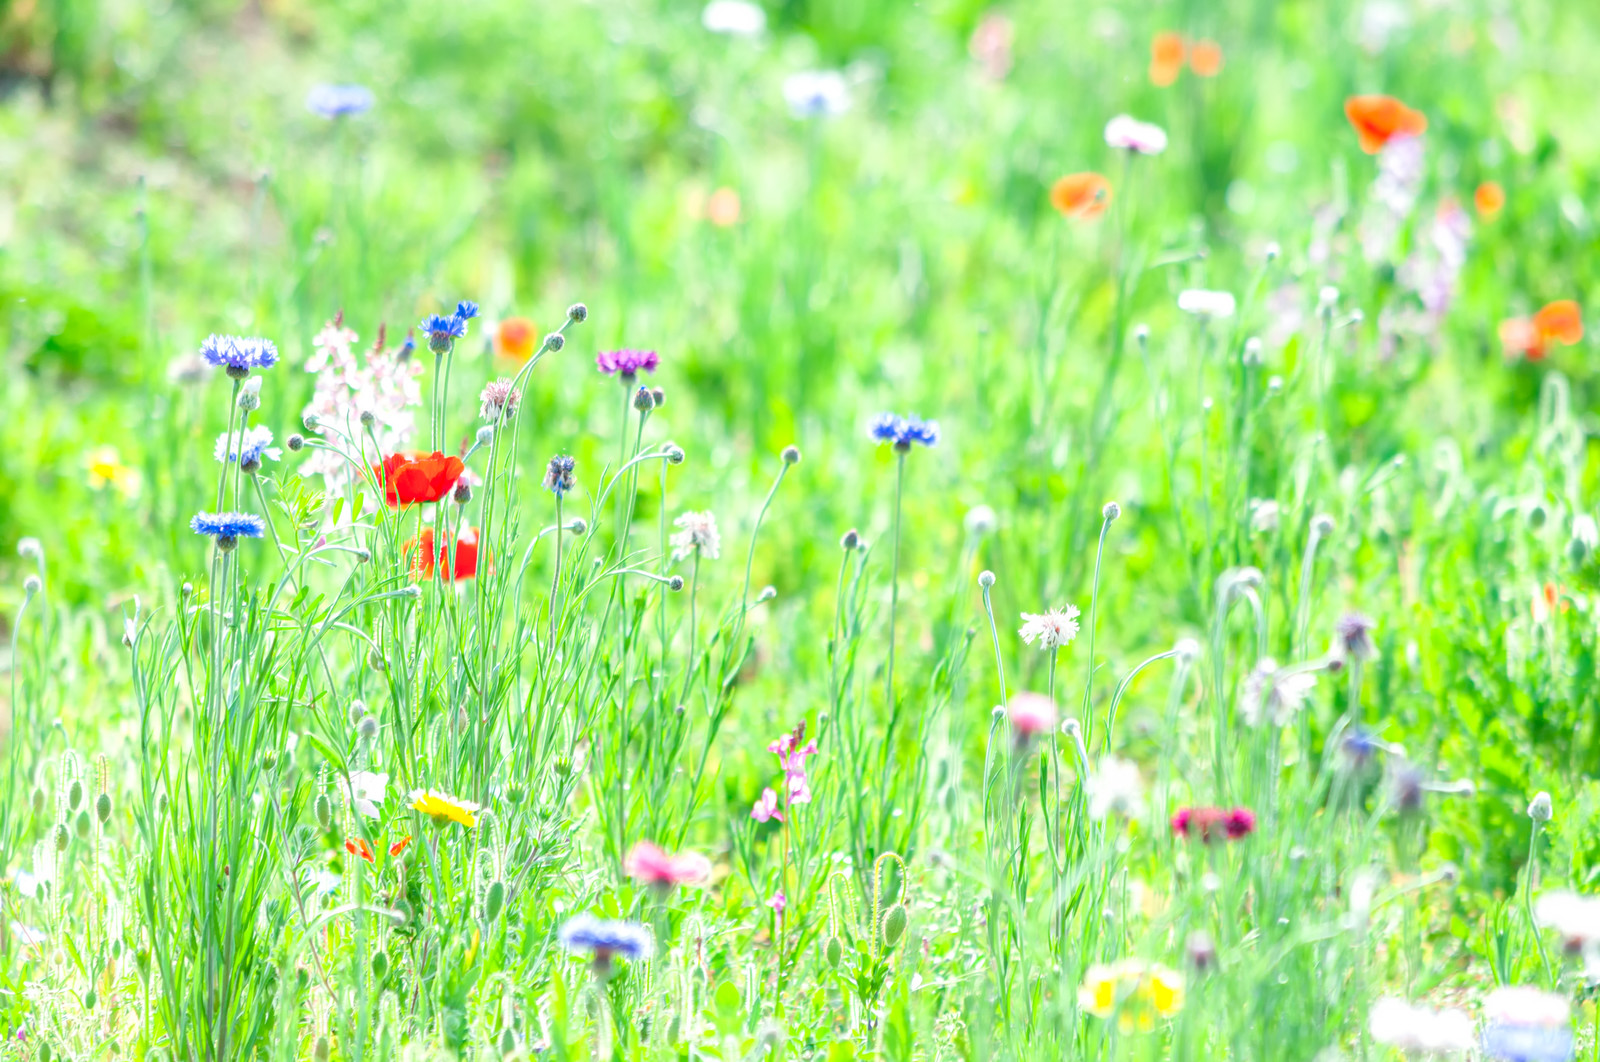 「春の草花」の写真